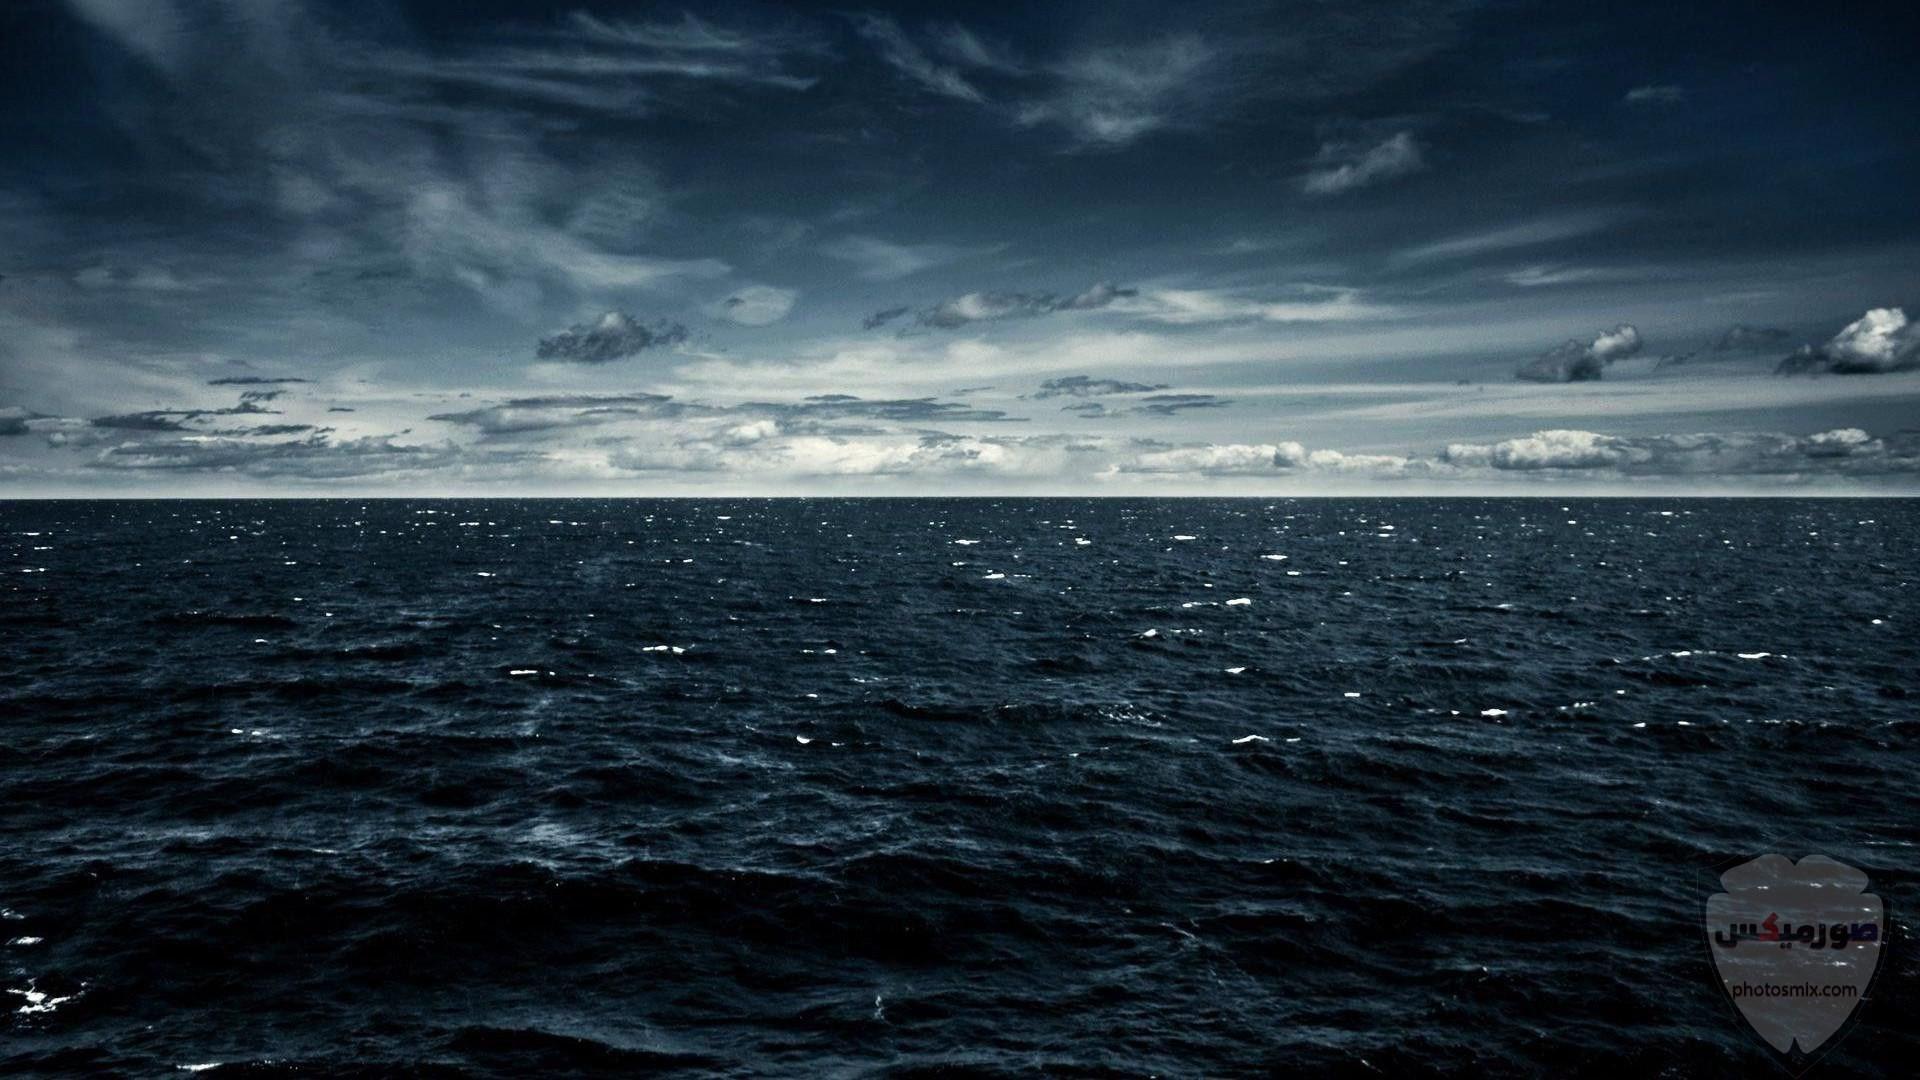 صور بحر 2020 صور بحر جميلة تحميل افضل خلفيات البحر HD 1